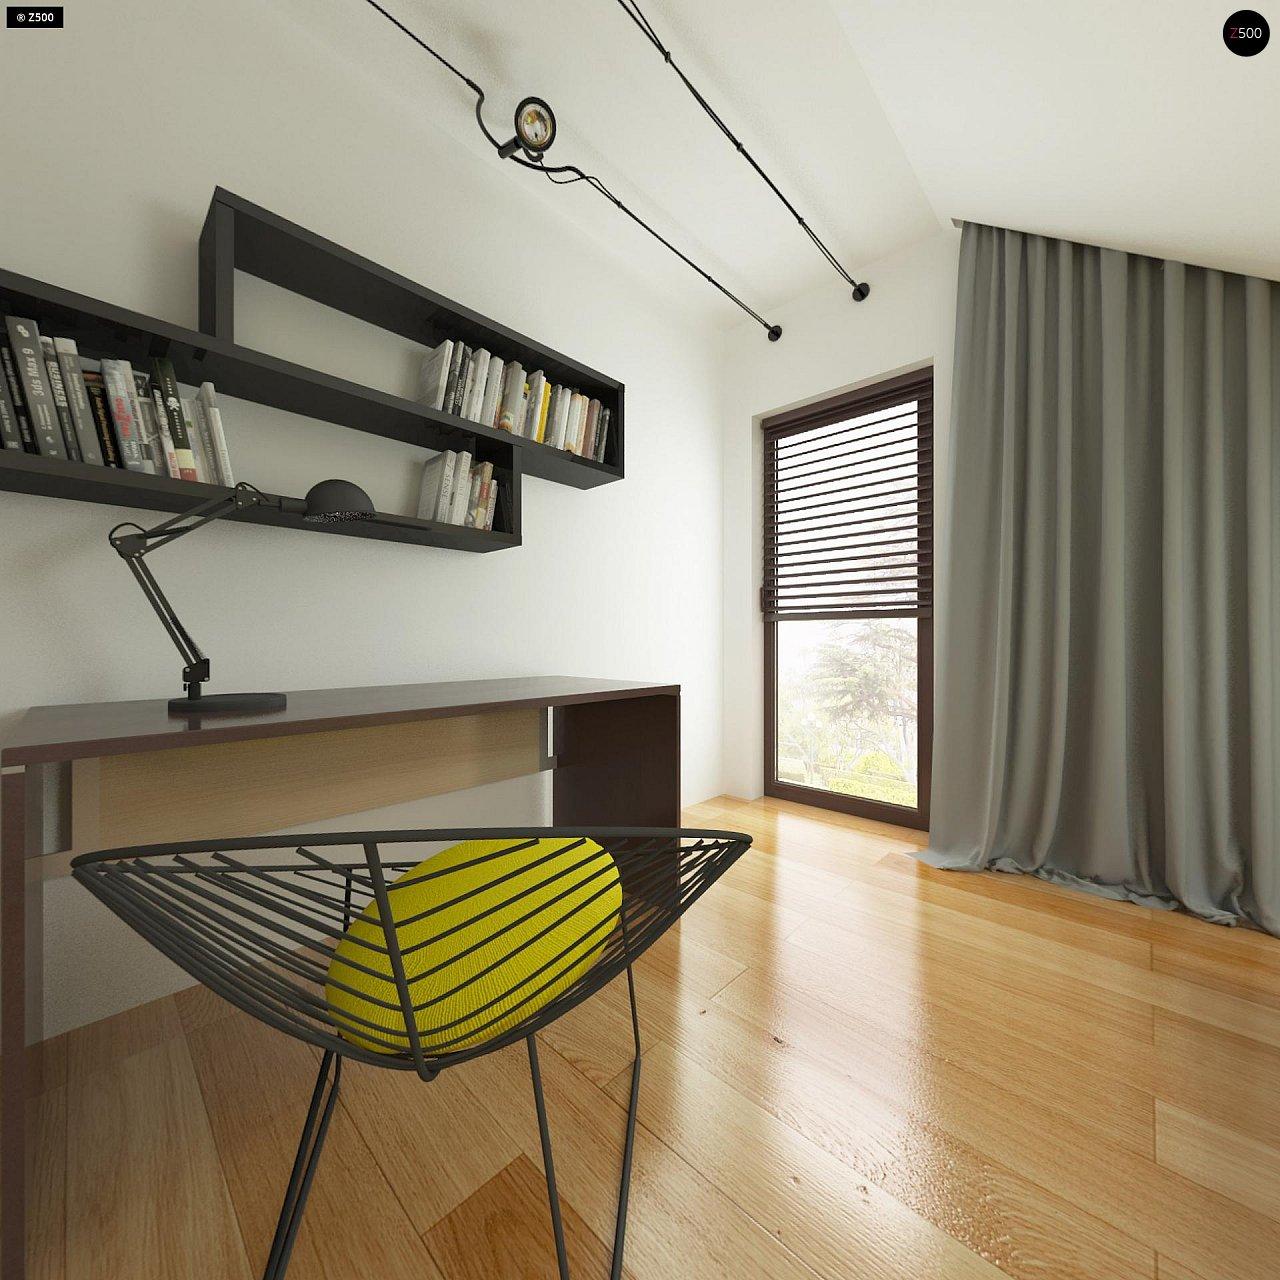 Небольшой дом с дополнительной комнатой на первом этаже, большим хозяйственным помещением и эркером в столовой. 17